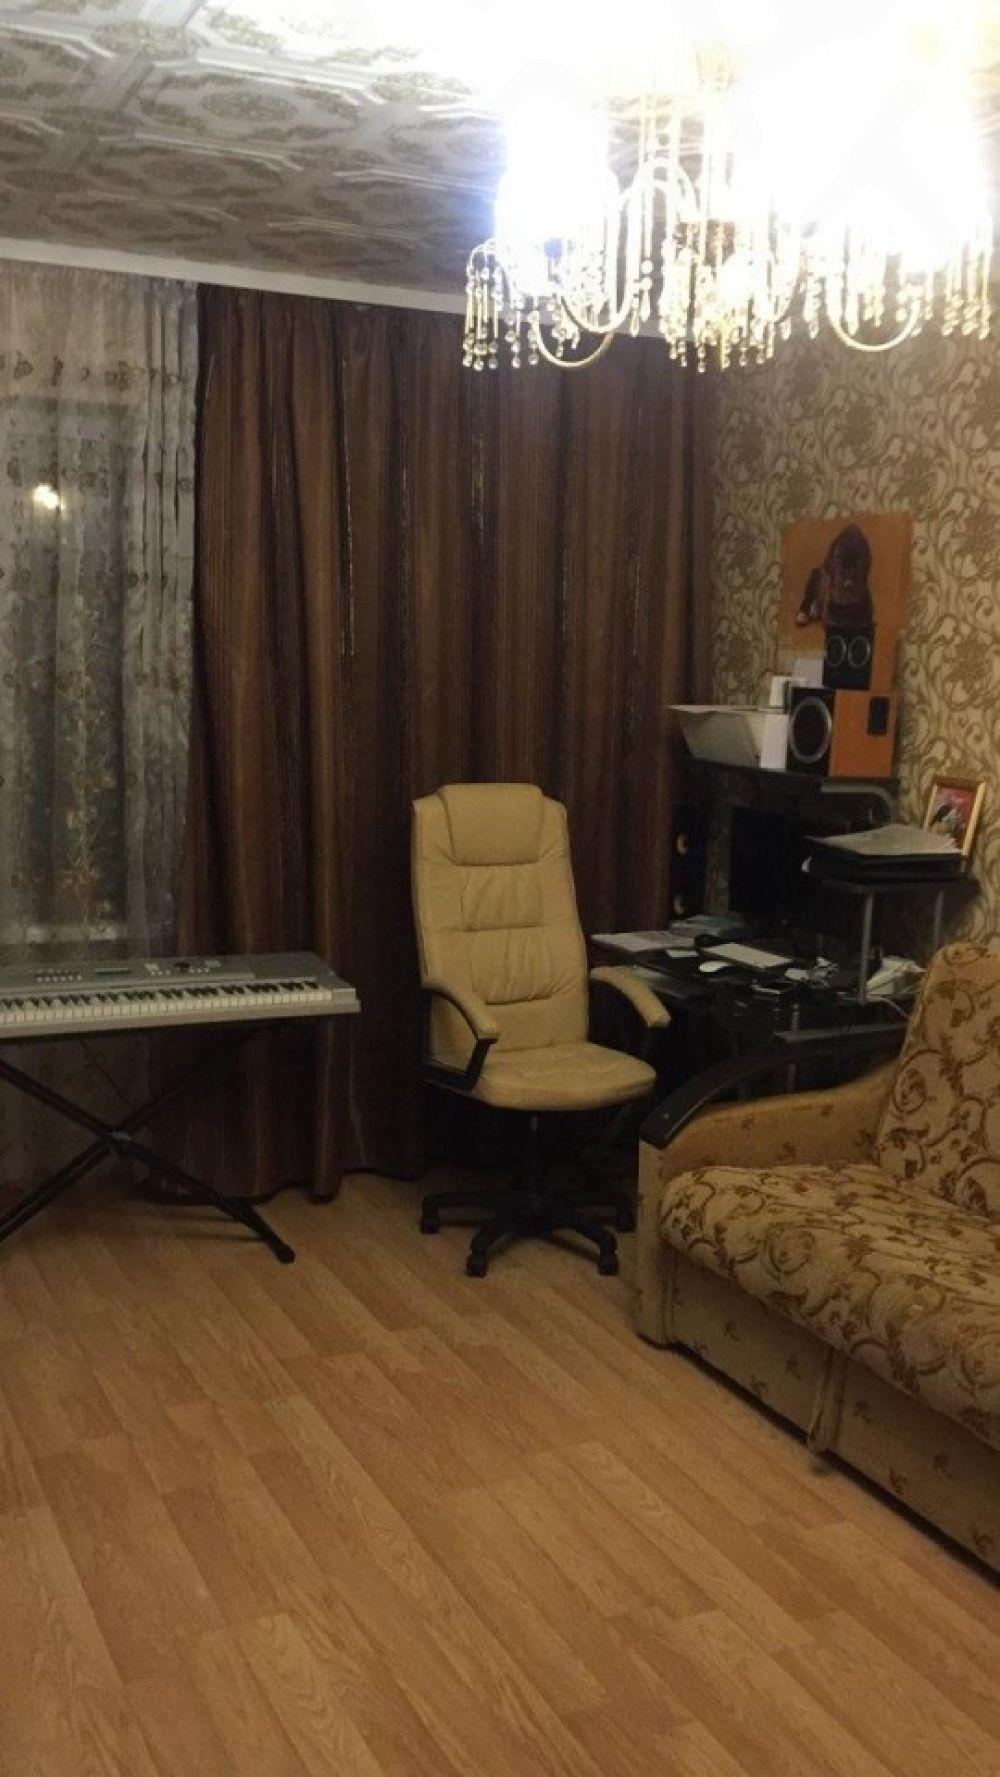 2-к квартира, 60 м2, 11/14 эт. Щёлково, микрорайон Финский, 9к2, фото 6